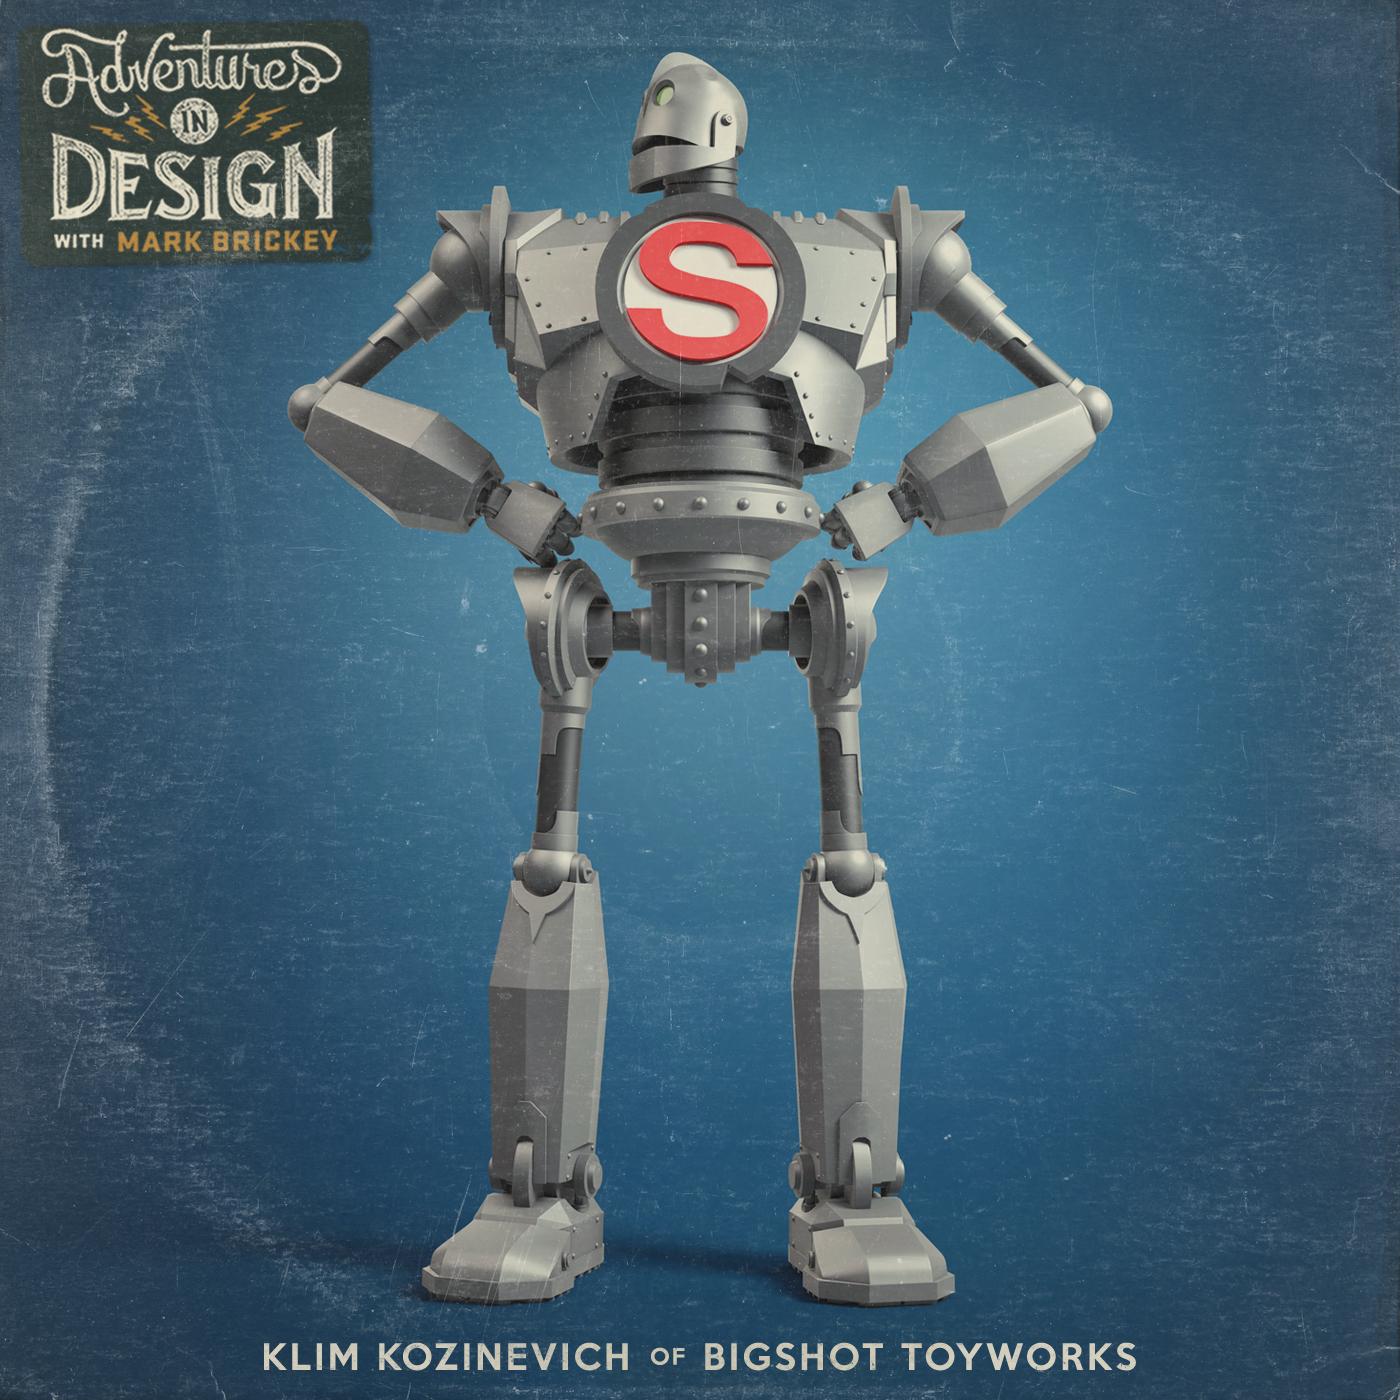 402 - Klim Kozinevich of Bigshot Toyworks